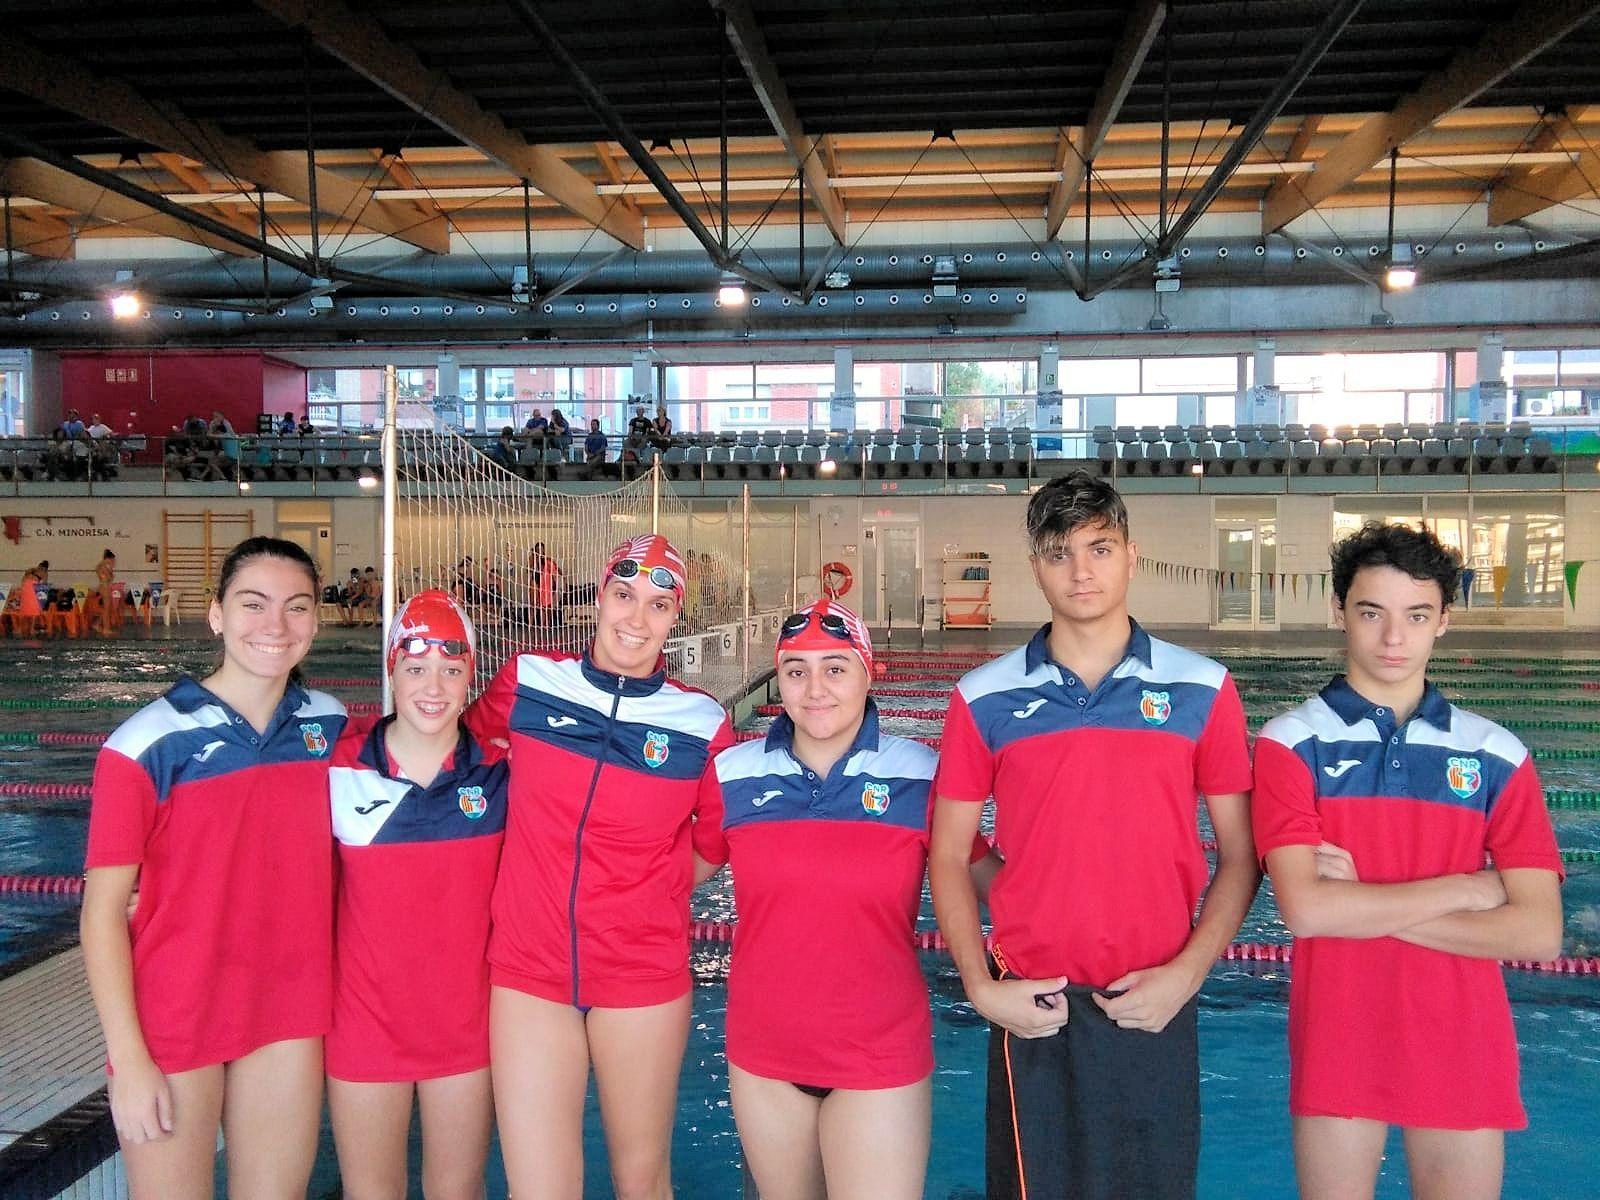 La secció de natació arrenca la temporada oficial a Manresa i Sant Esteve Sesrovires